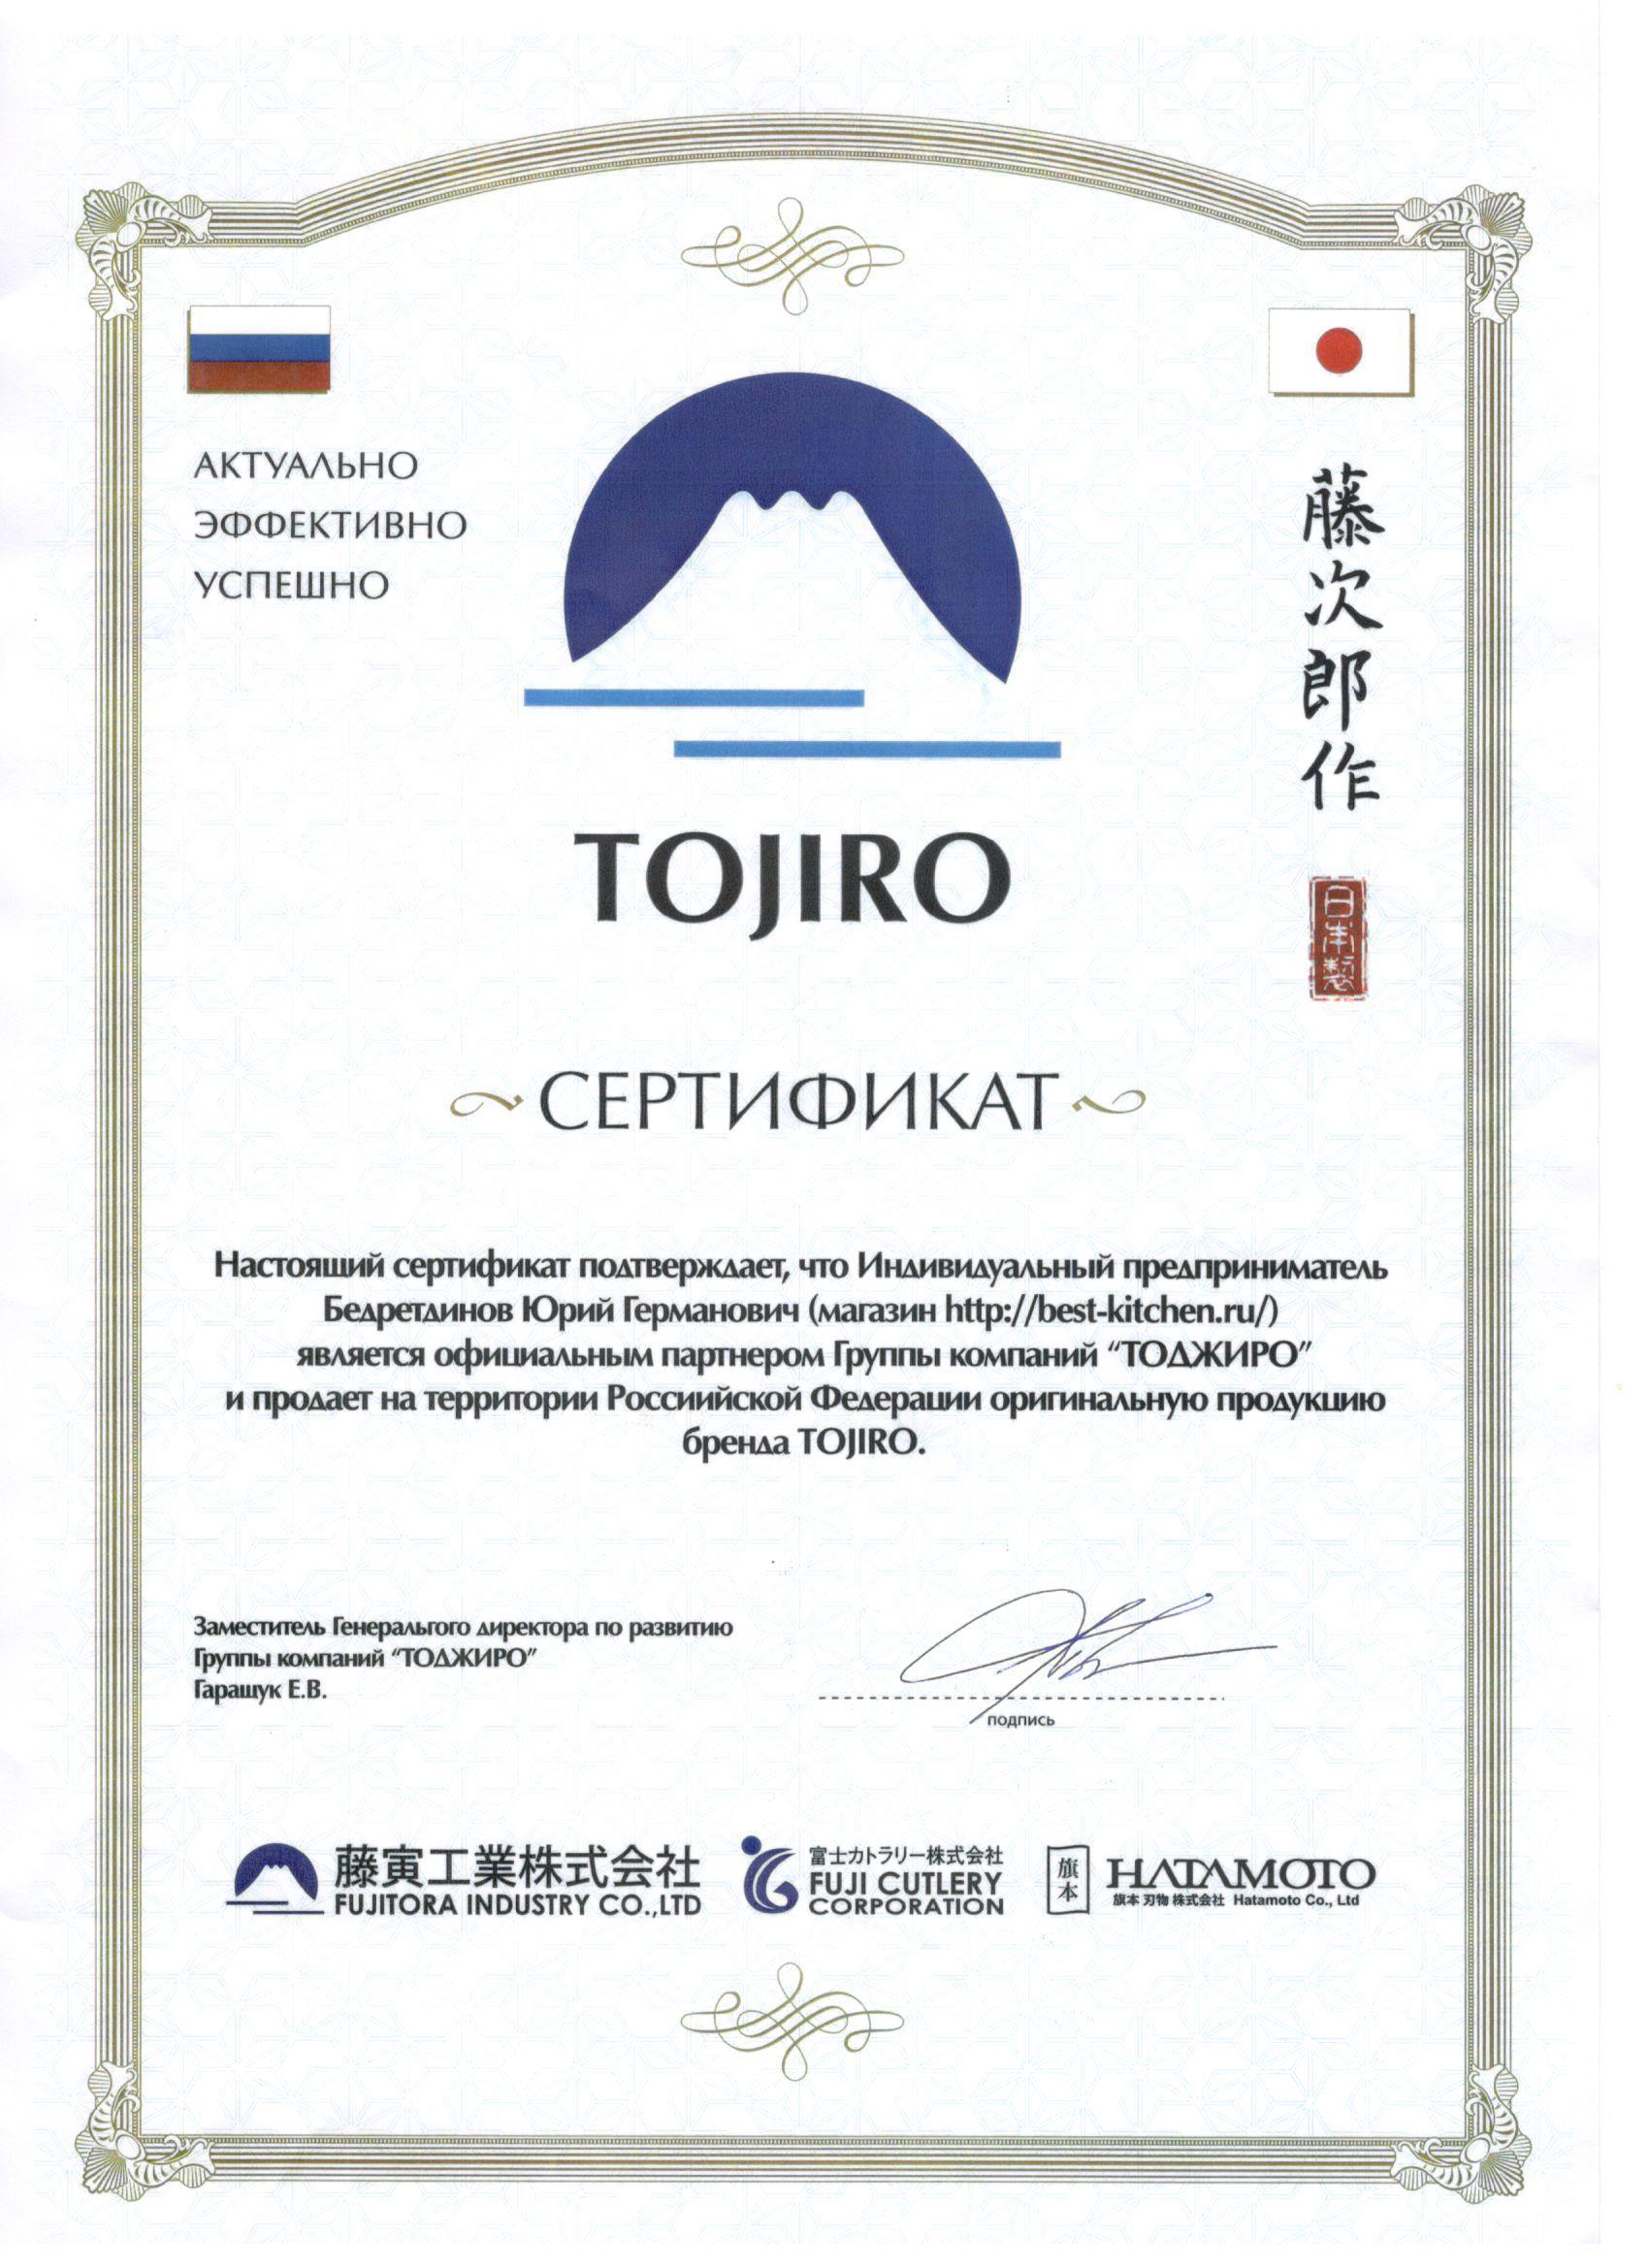 Сертификат Tojiro